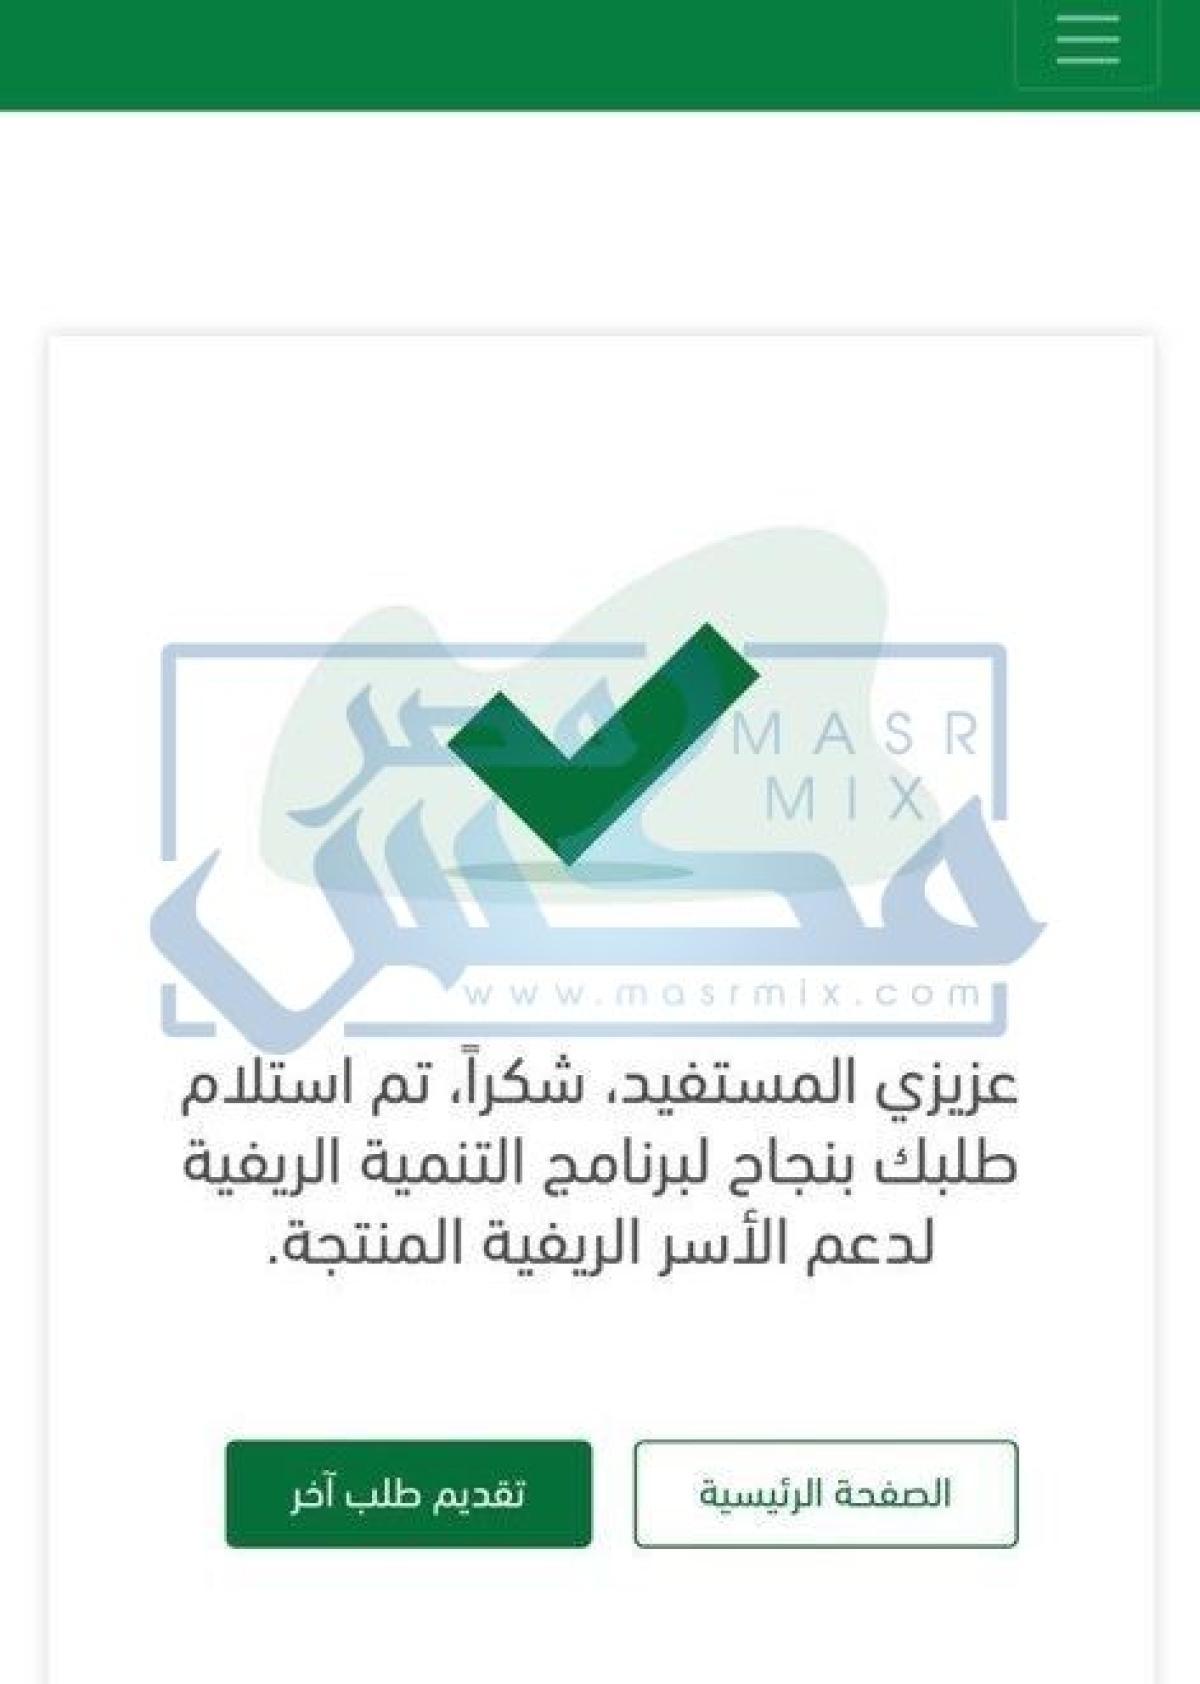 الدعم الريفي يوضح طريقة عمل دراسة الجدوى وخطوات التسجيل بالتفصيل 1443